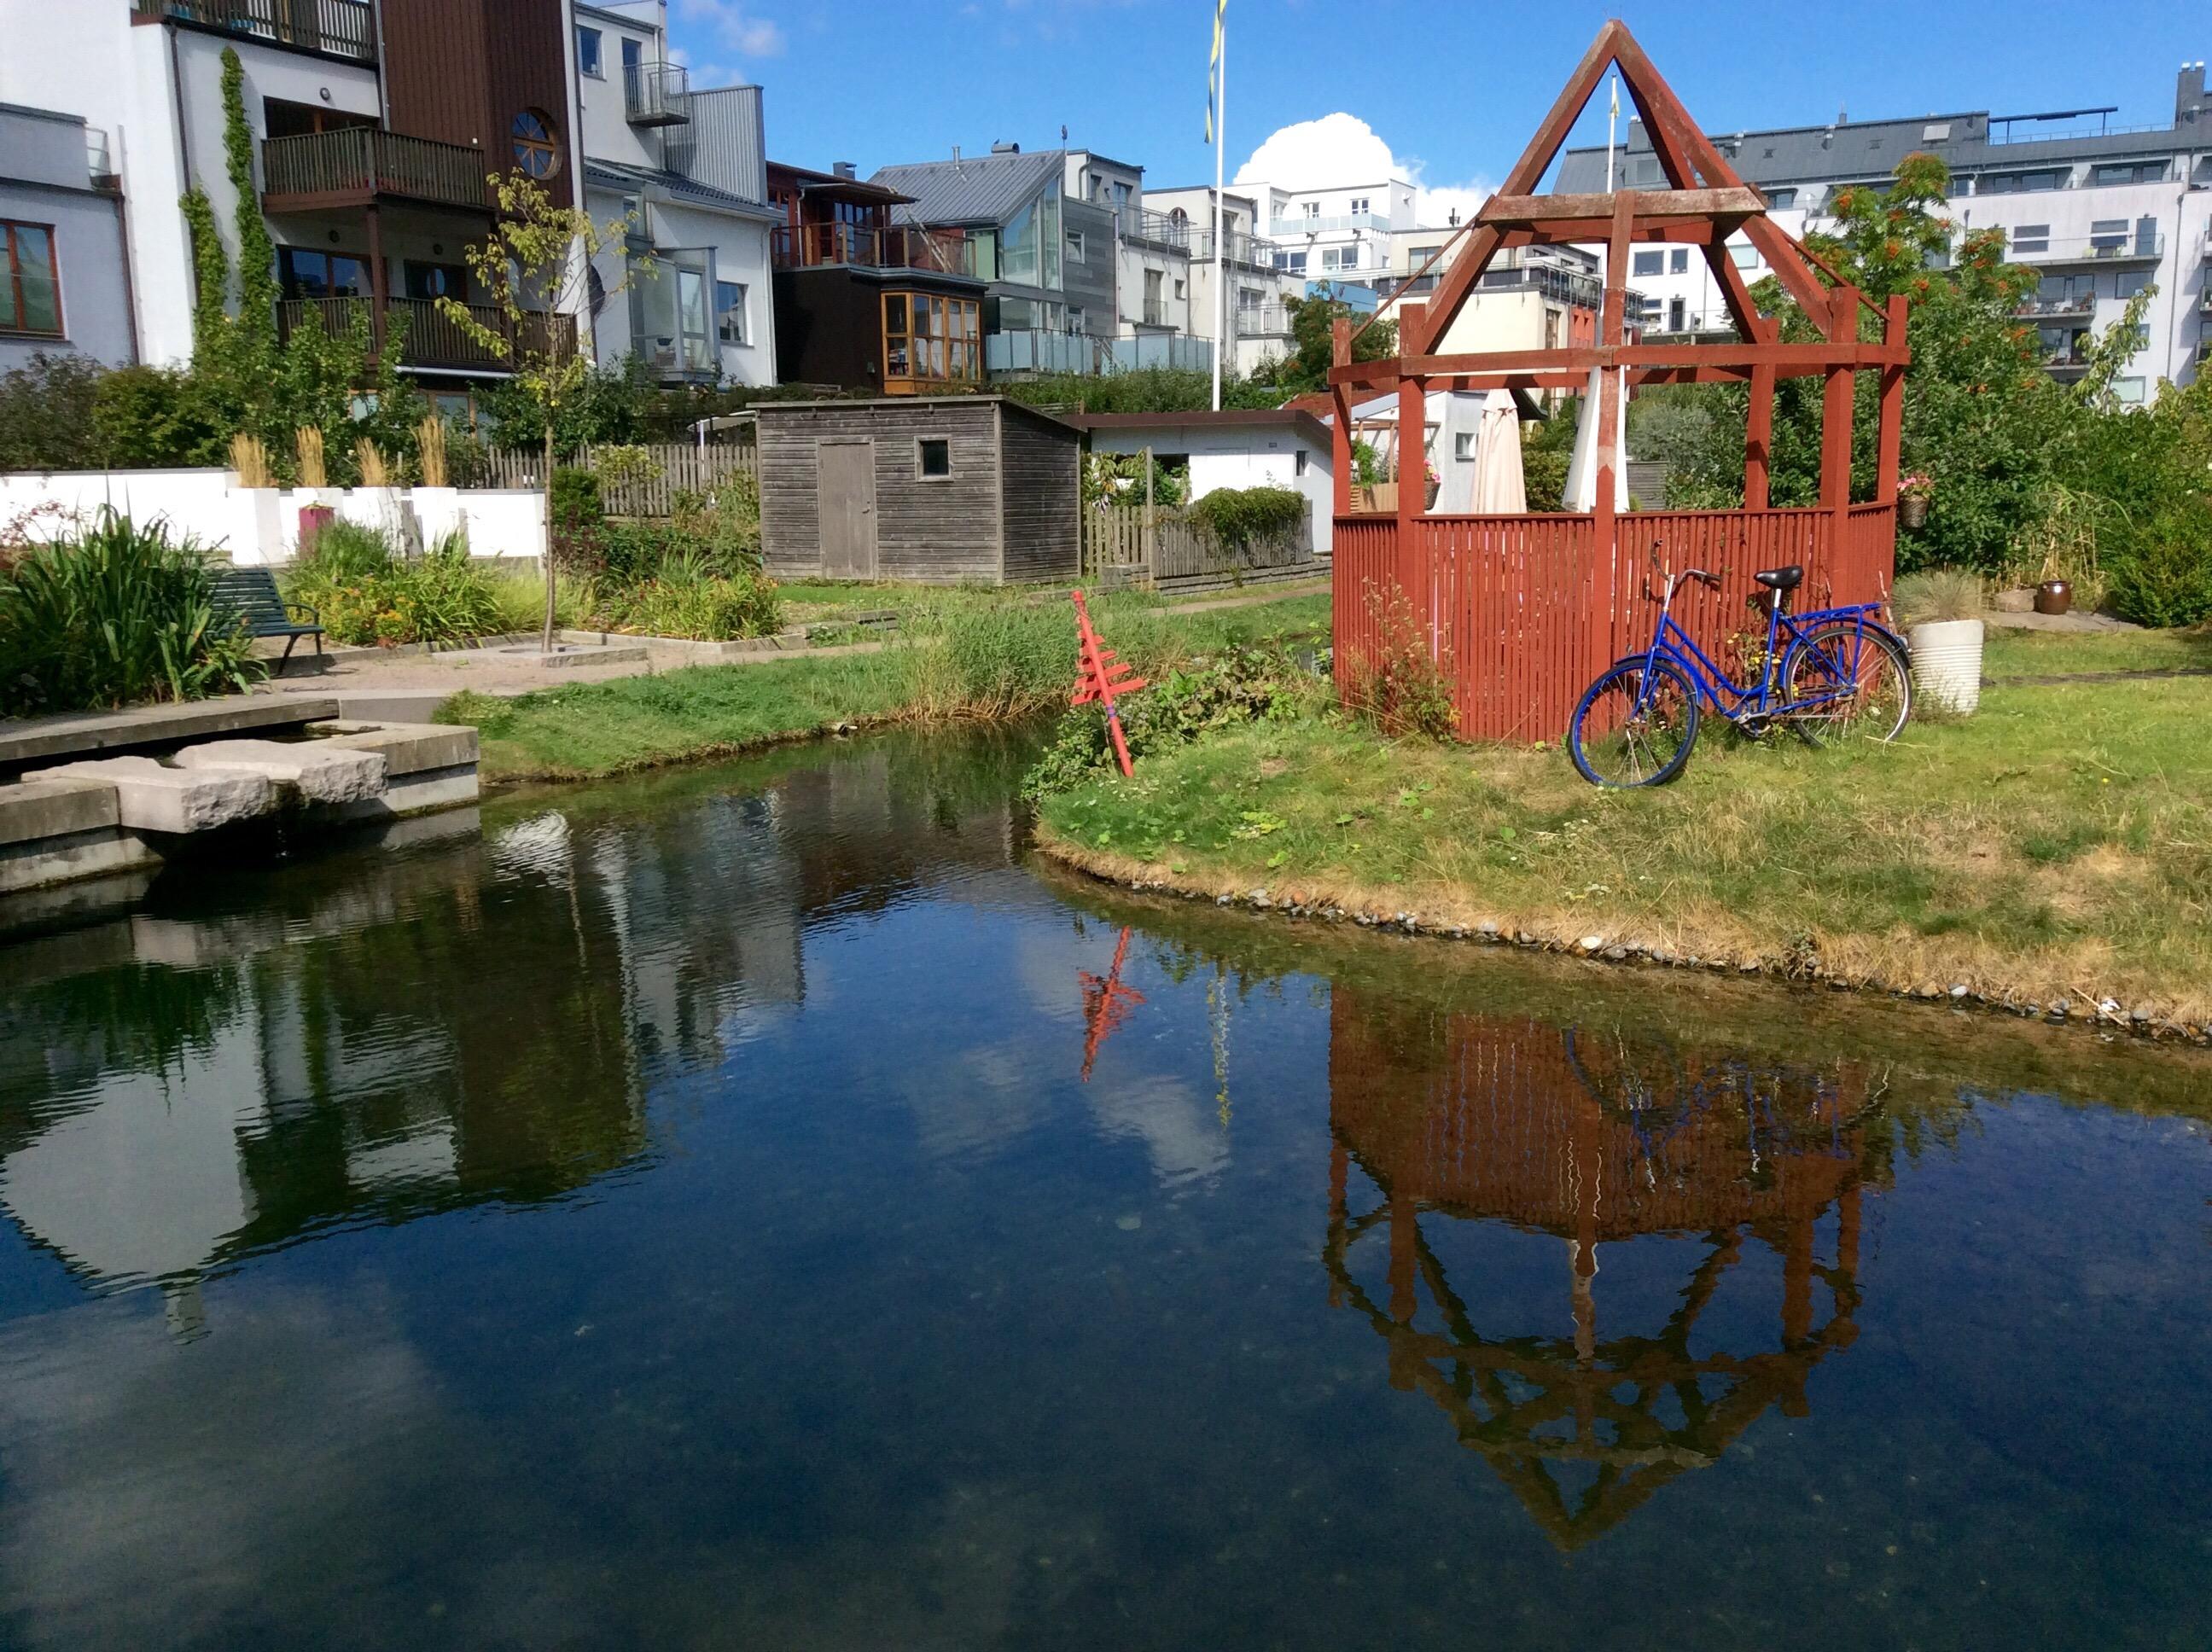 Cycling Around Malmo